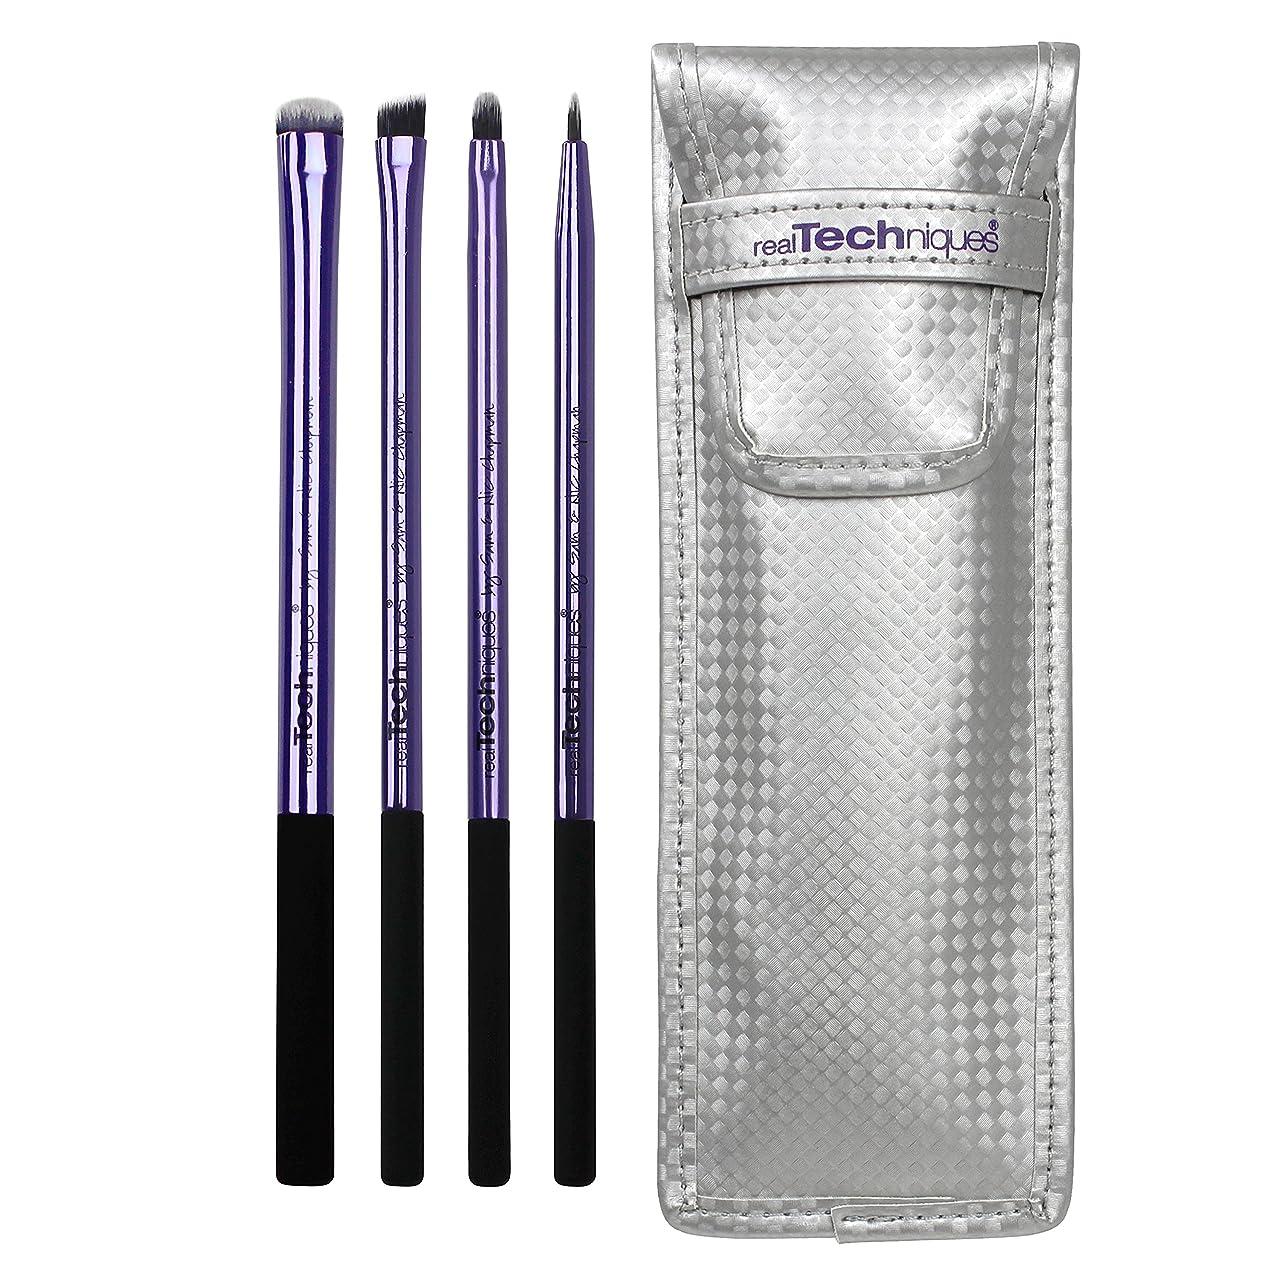 ワイプ相互接続大統領Real Techniques Limited Edition Eyelining Set Plush Synthetic Bristles (並行輸入品)